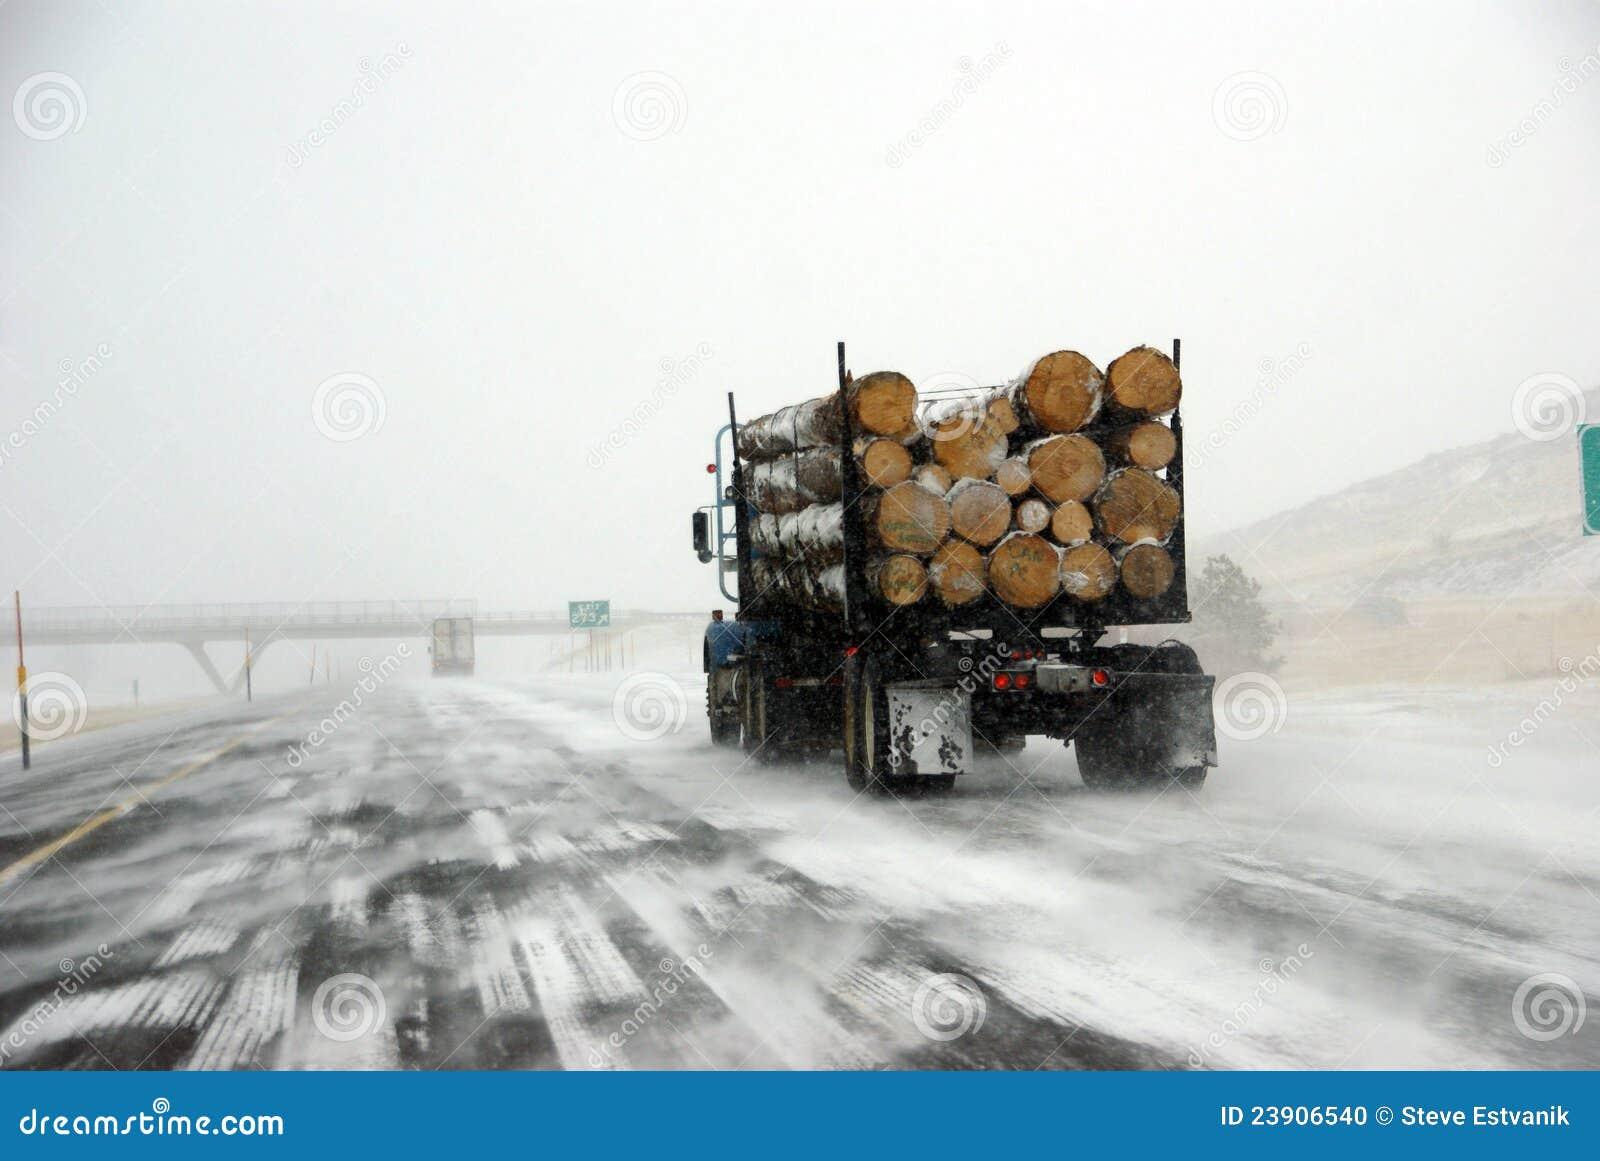 Caminhão de registo na estrada gelada